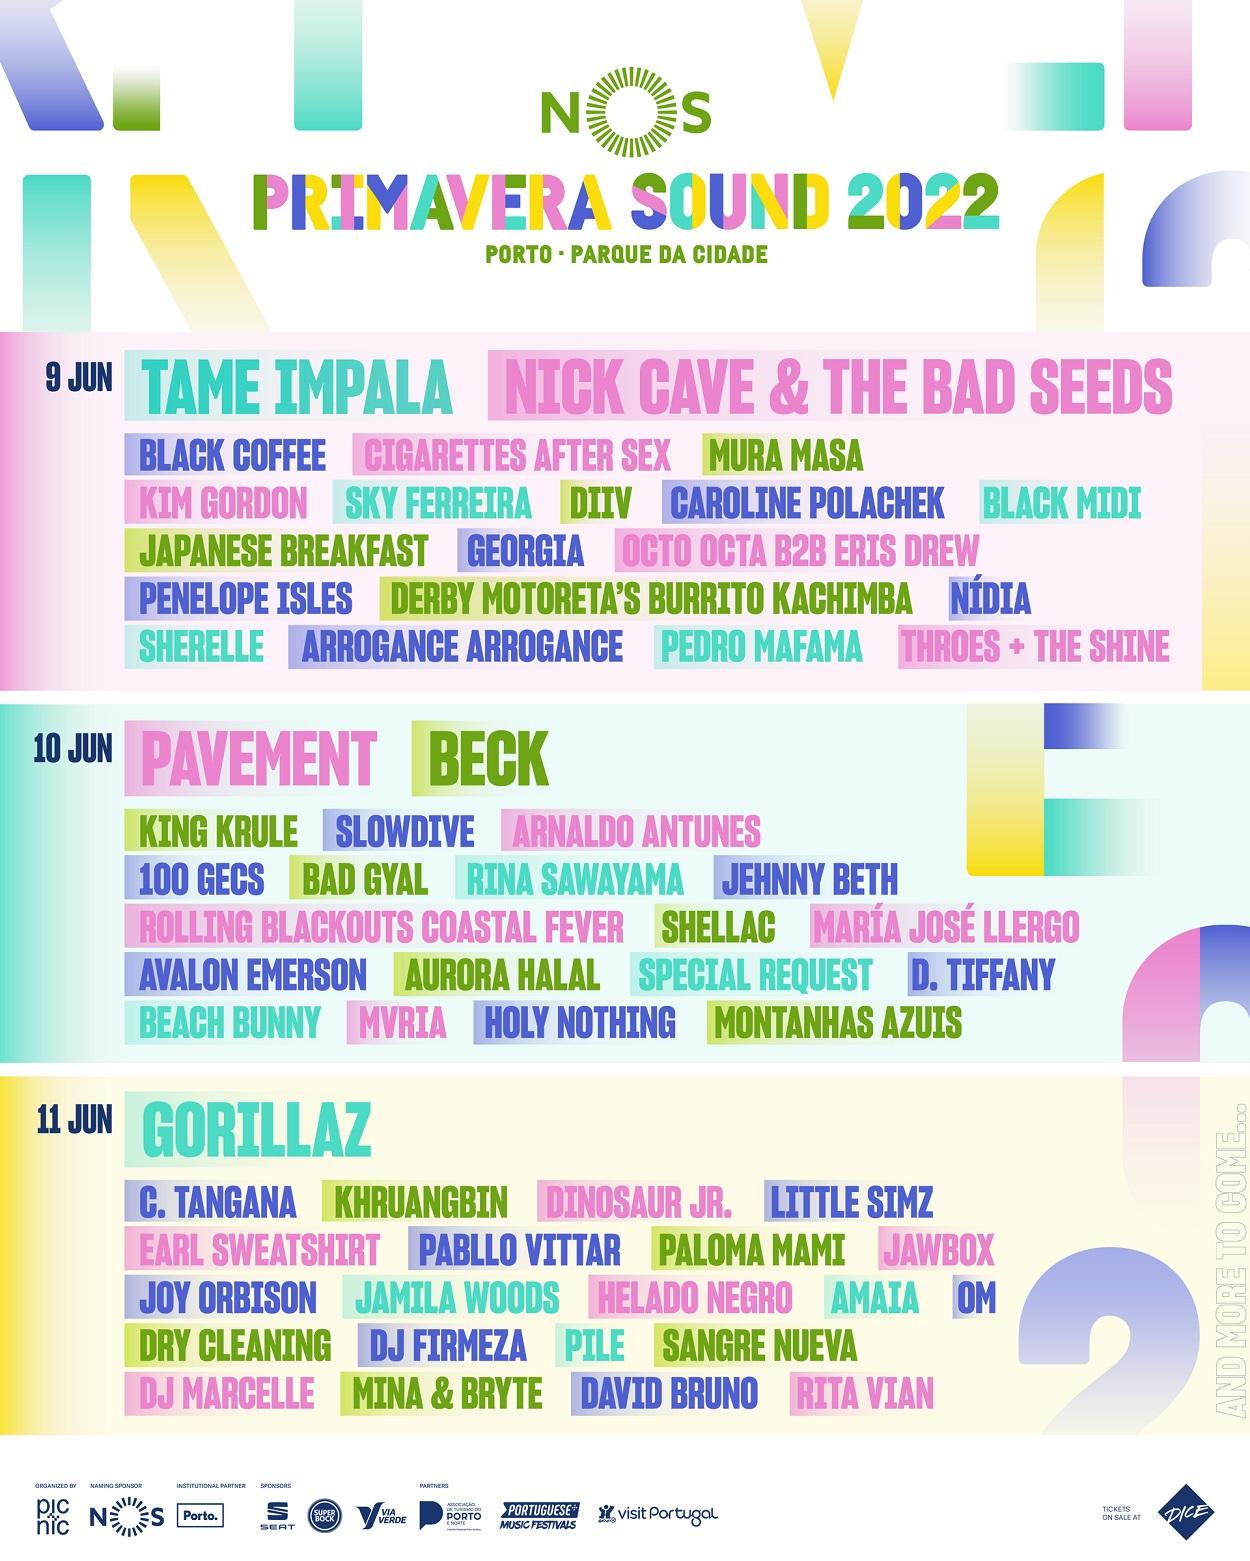 BBK LIVE 2021 8-9-10 julio: Killers, Bad Bunny y Pet Shop Boys dentro, ¿se cae Kendrick Lamar? Se viene el drama - Página 3 NOS-Primavera-Sound-Porto-2022